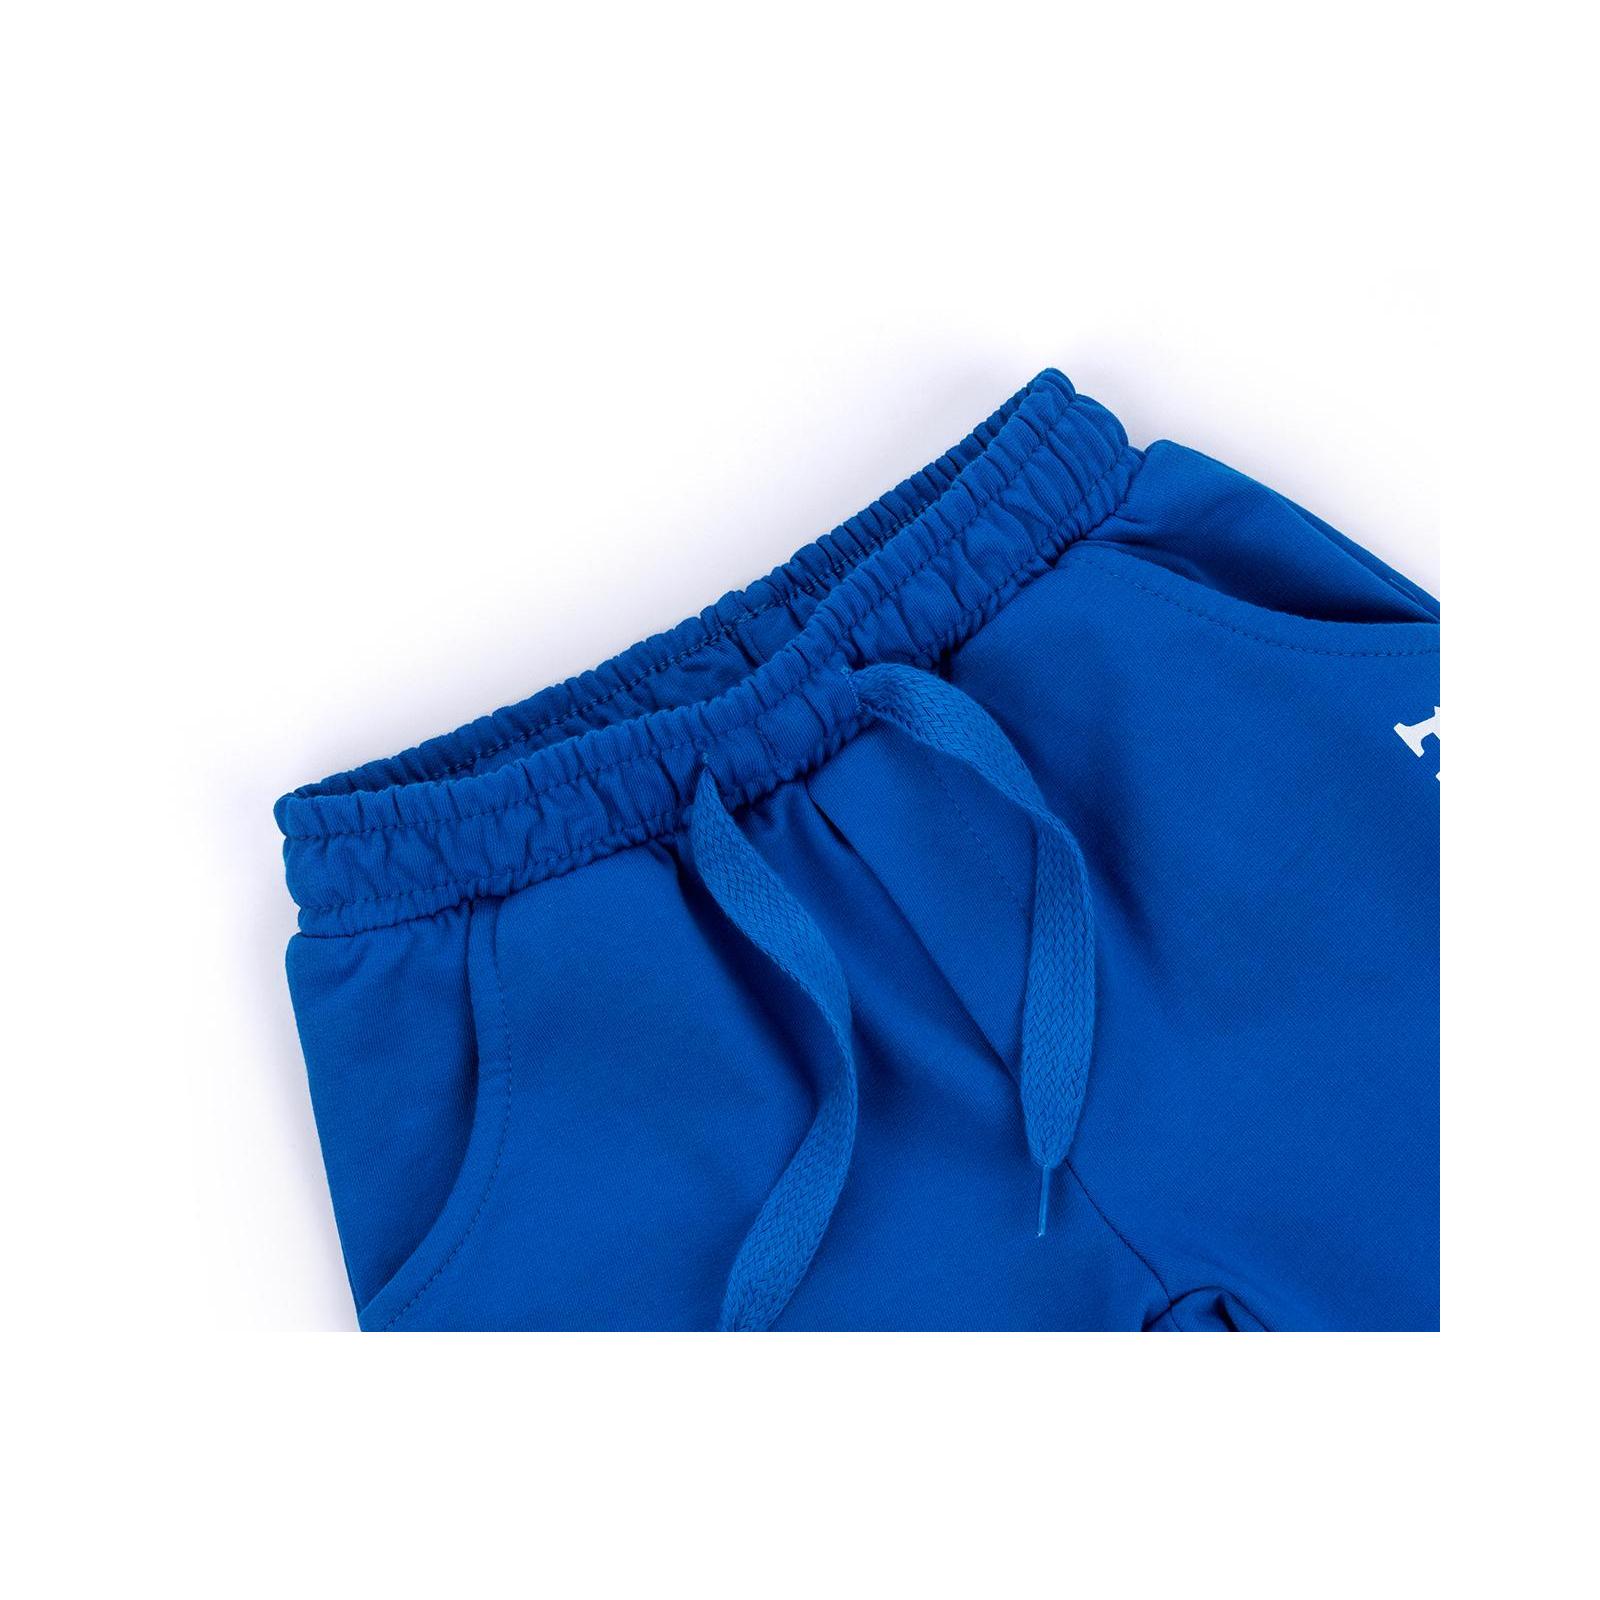 """Футболка детская Breeze с шортами """"AUTHENTIC"""" (10583-92B-blue) изображение 8"""